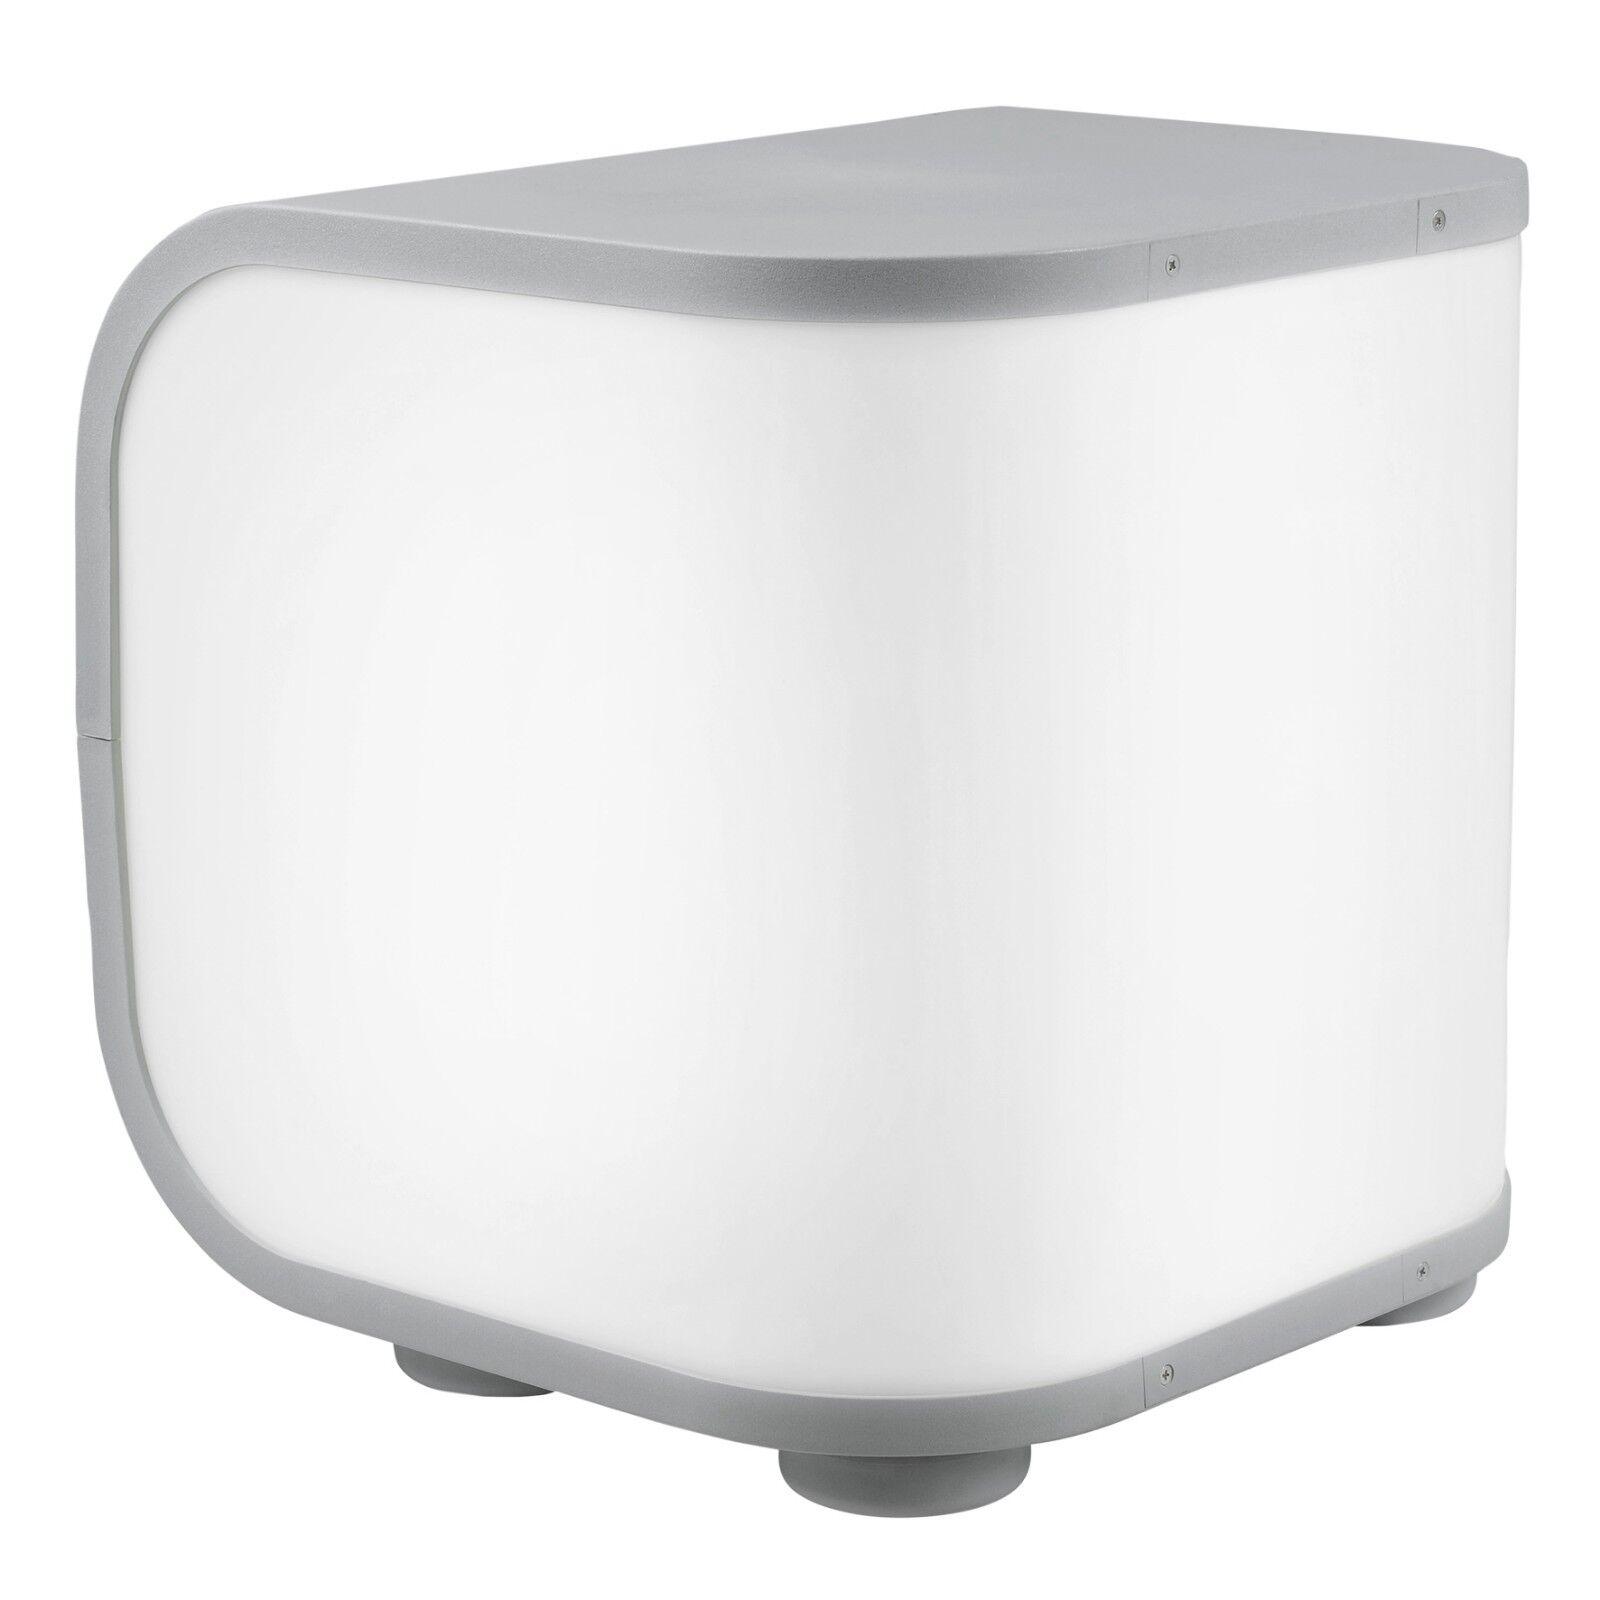 Eglo 88018 Progresivo Cubo Al Aire Libre Lámpara de pie